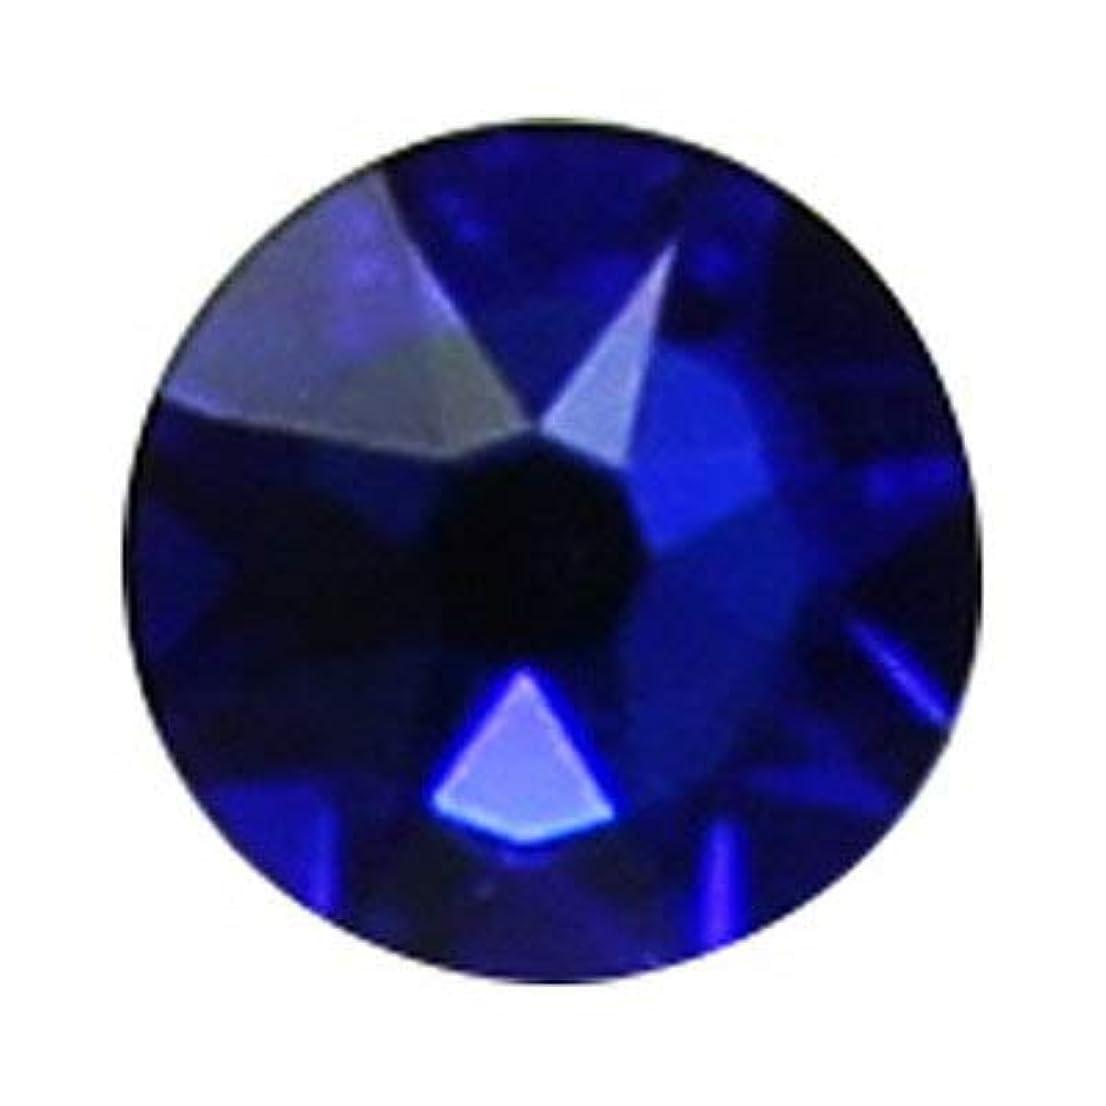 太鼓腹伝染病祈るSWAROVSKI マジェスティック?ブルー ss5 #2058 72P